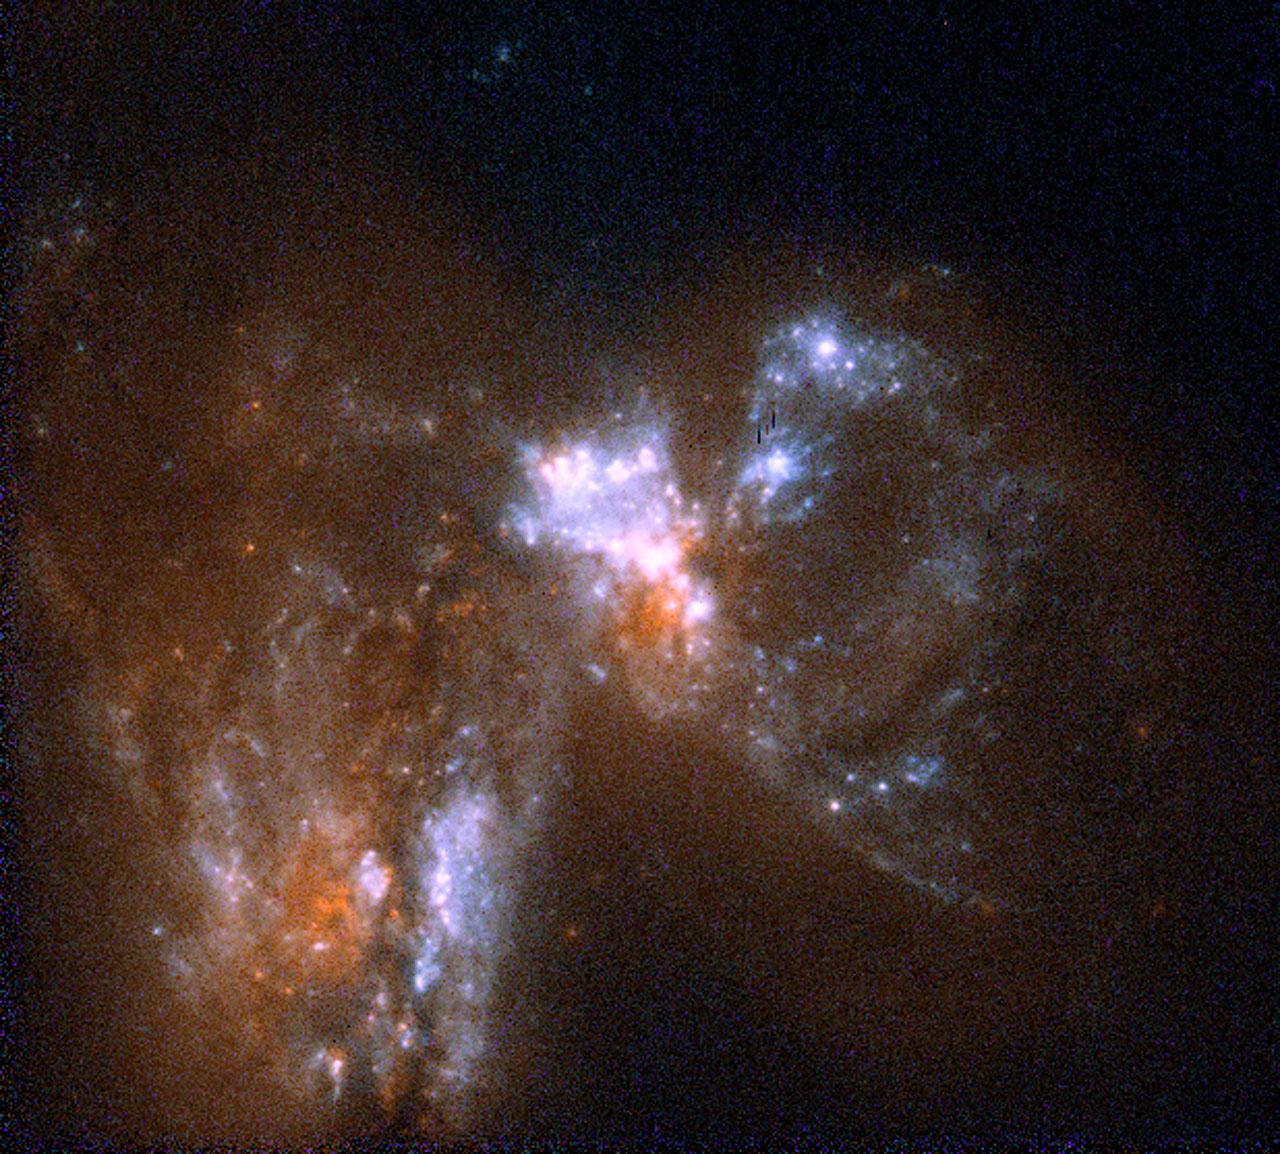 Merging Galaxies UGC06471 and UGC06472